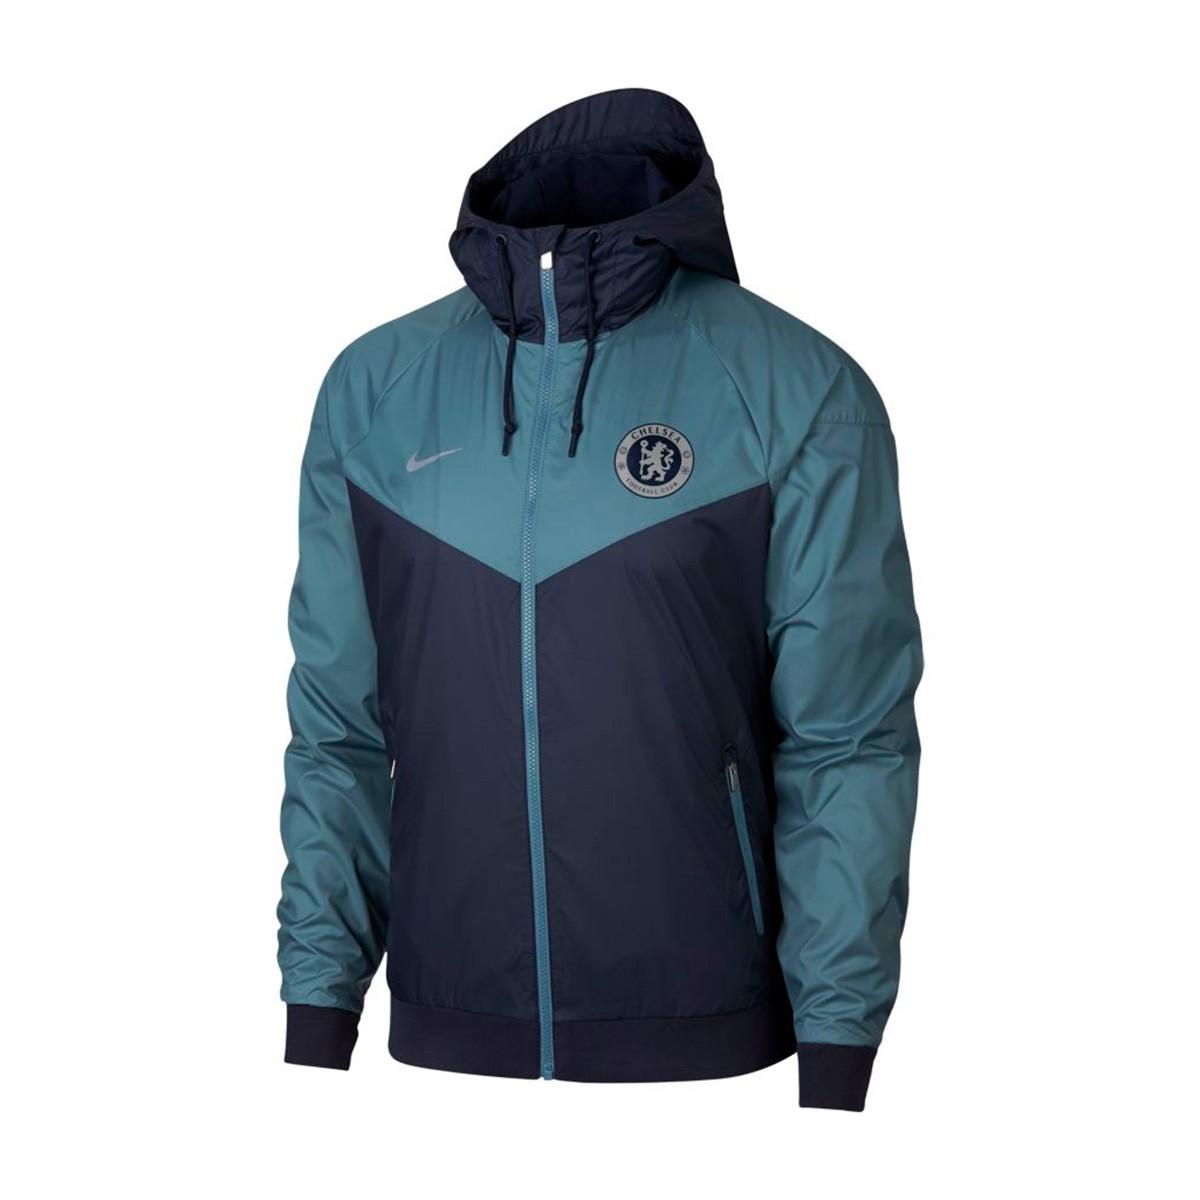 b585bef6ab Jacket Nike Chelsea FC Windrunner 2018-2019 Obsidian-Celestial teal ...